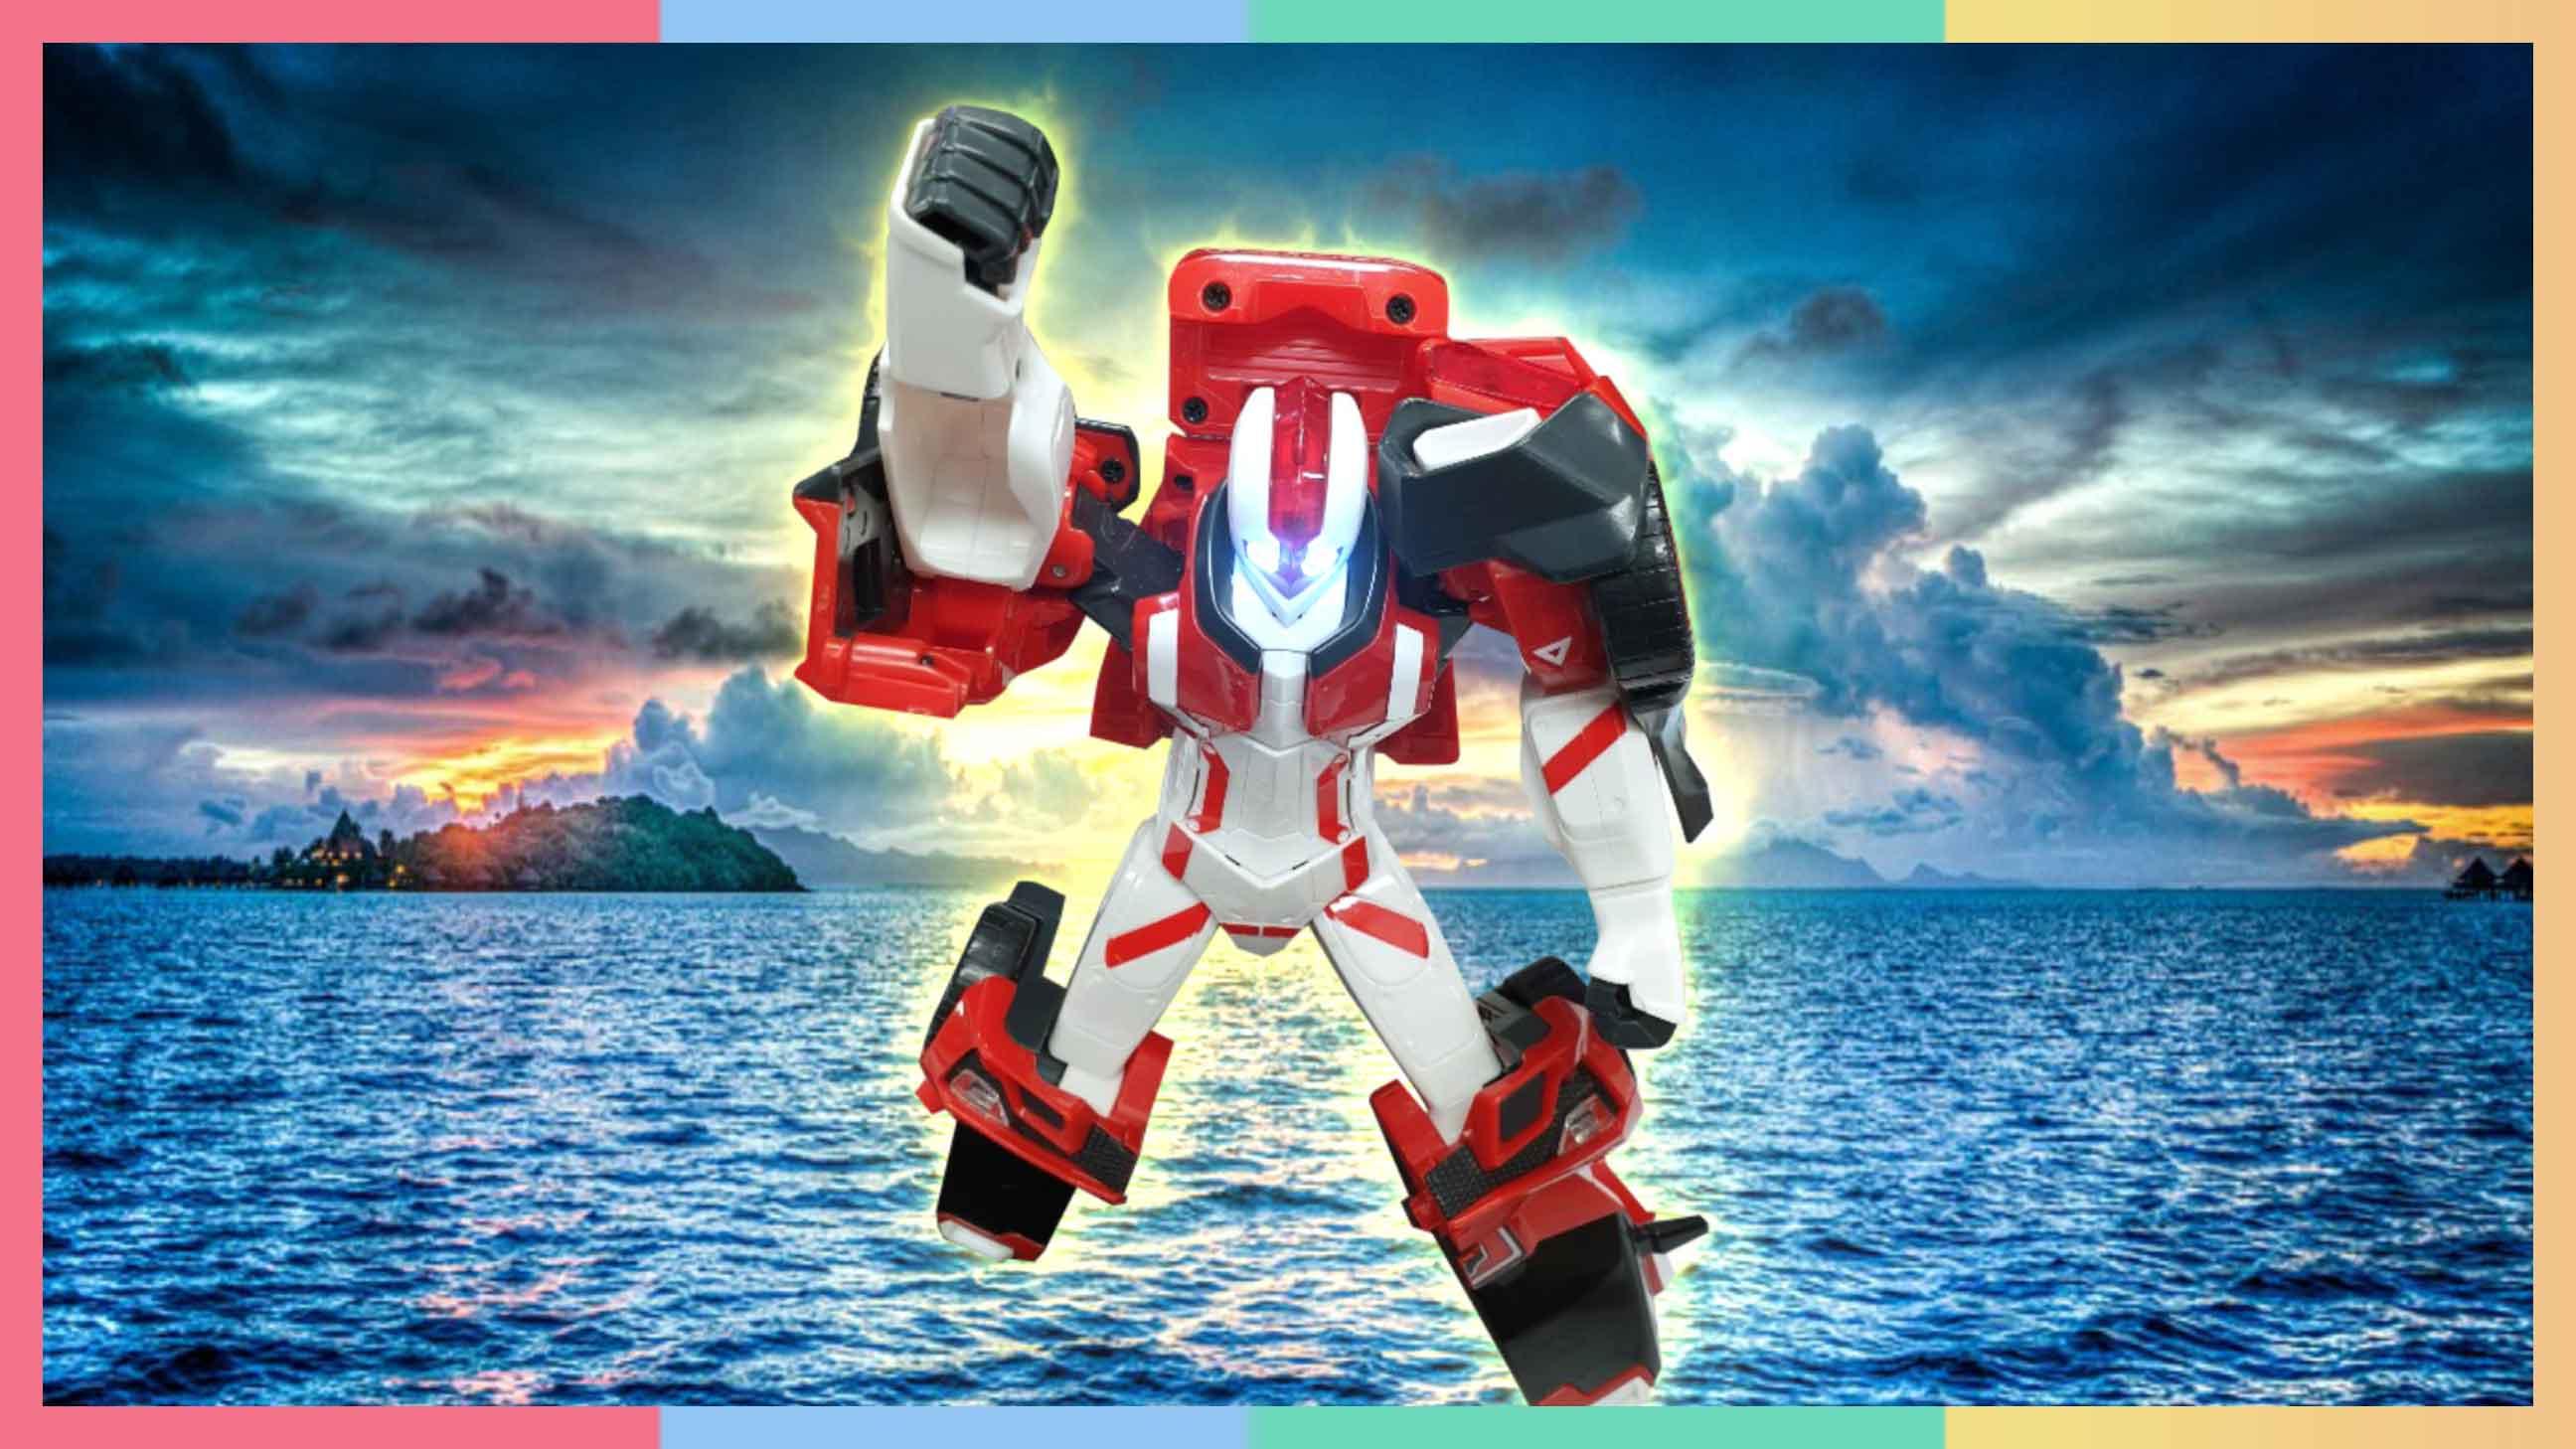 地球危机!超级机器人战士大战恶势力恐龙 | 凯利和玩具朋友们 CarrieAndToys